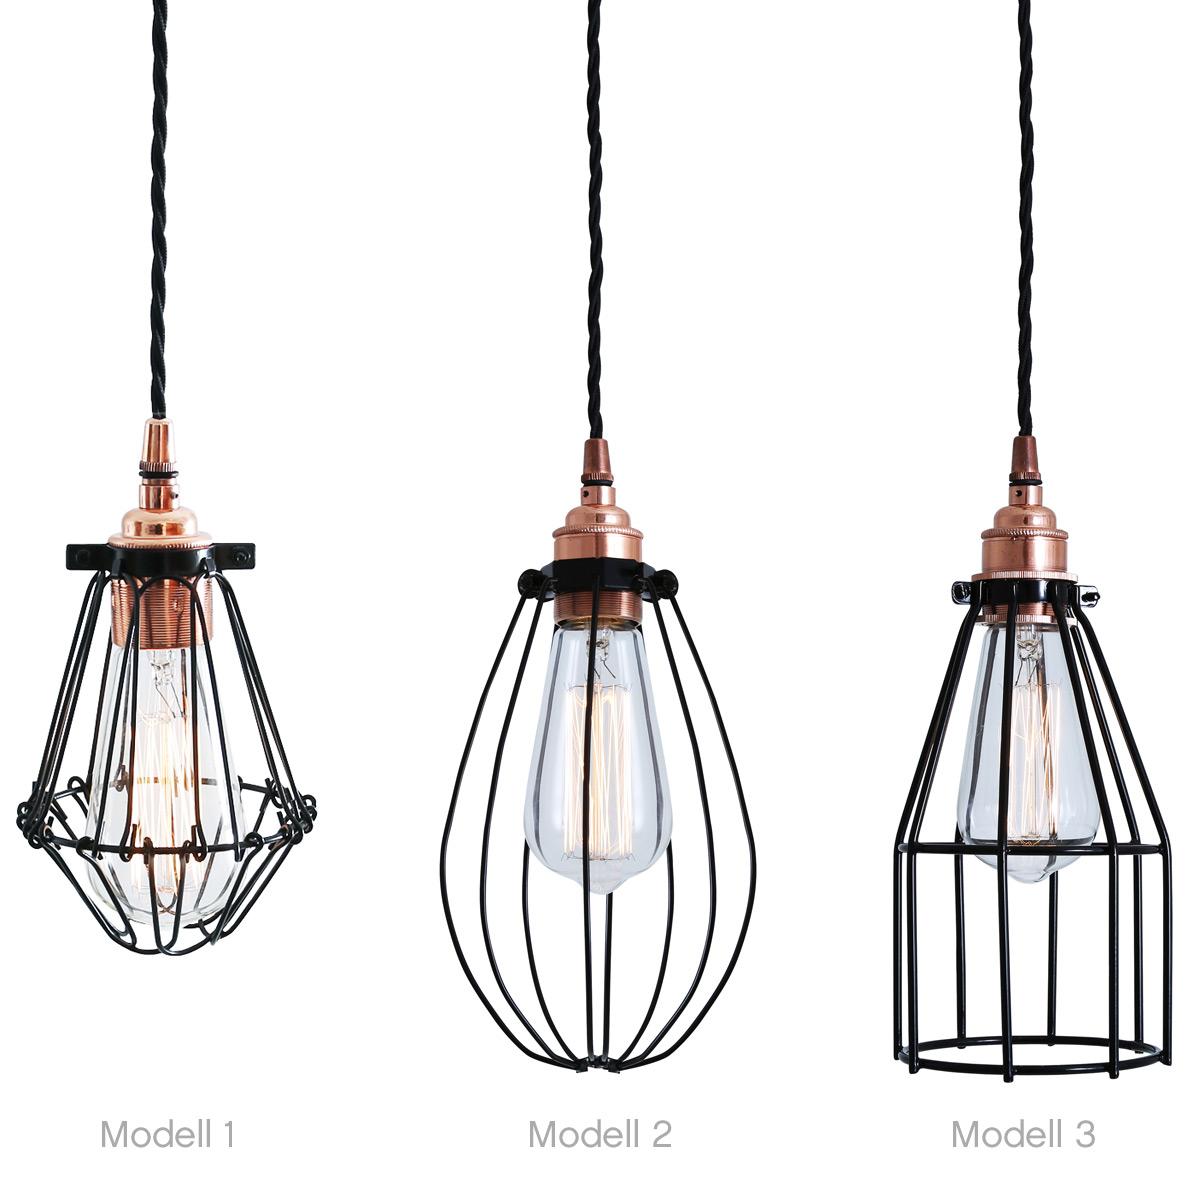 Full Size of Hängelampen Kfig Hngelampen Mit Fassung Aus Kupfer Casa Lumi Wohnzimmer Hängelampen